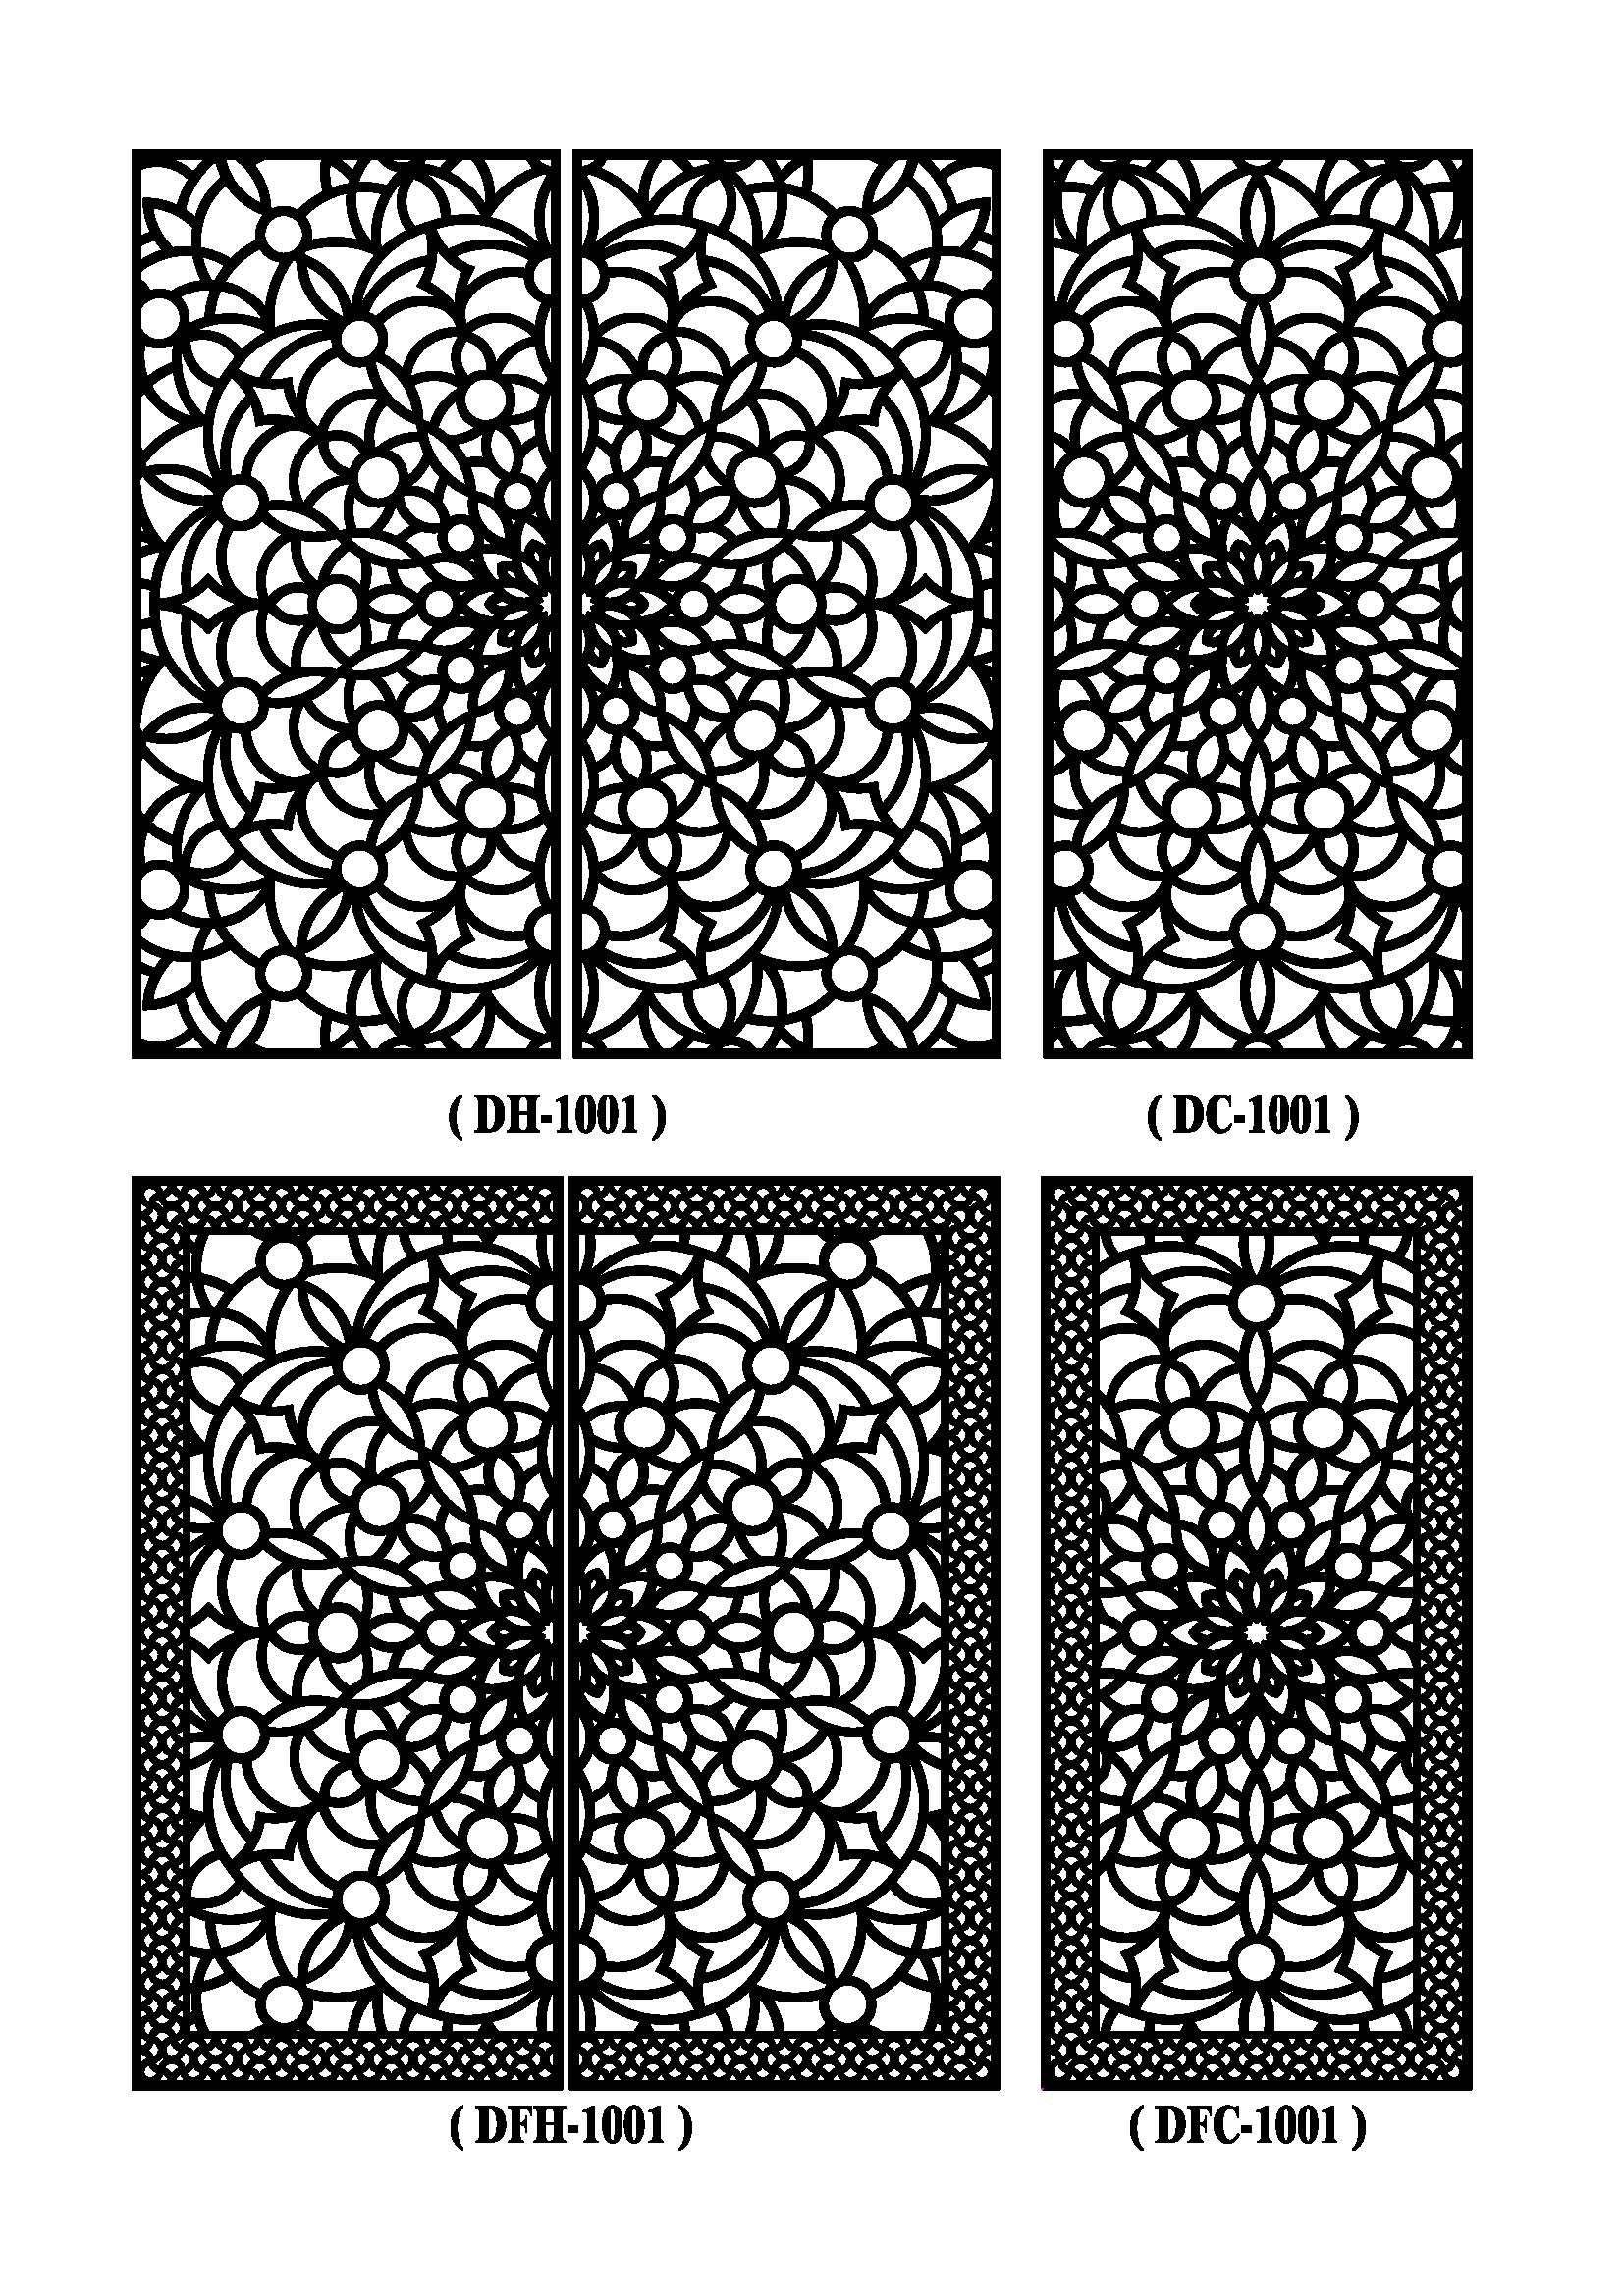 Decorative Metal Sheets Home Depot 24 Jpg 690 446 Pixels